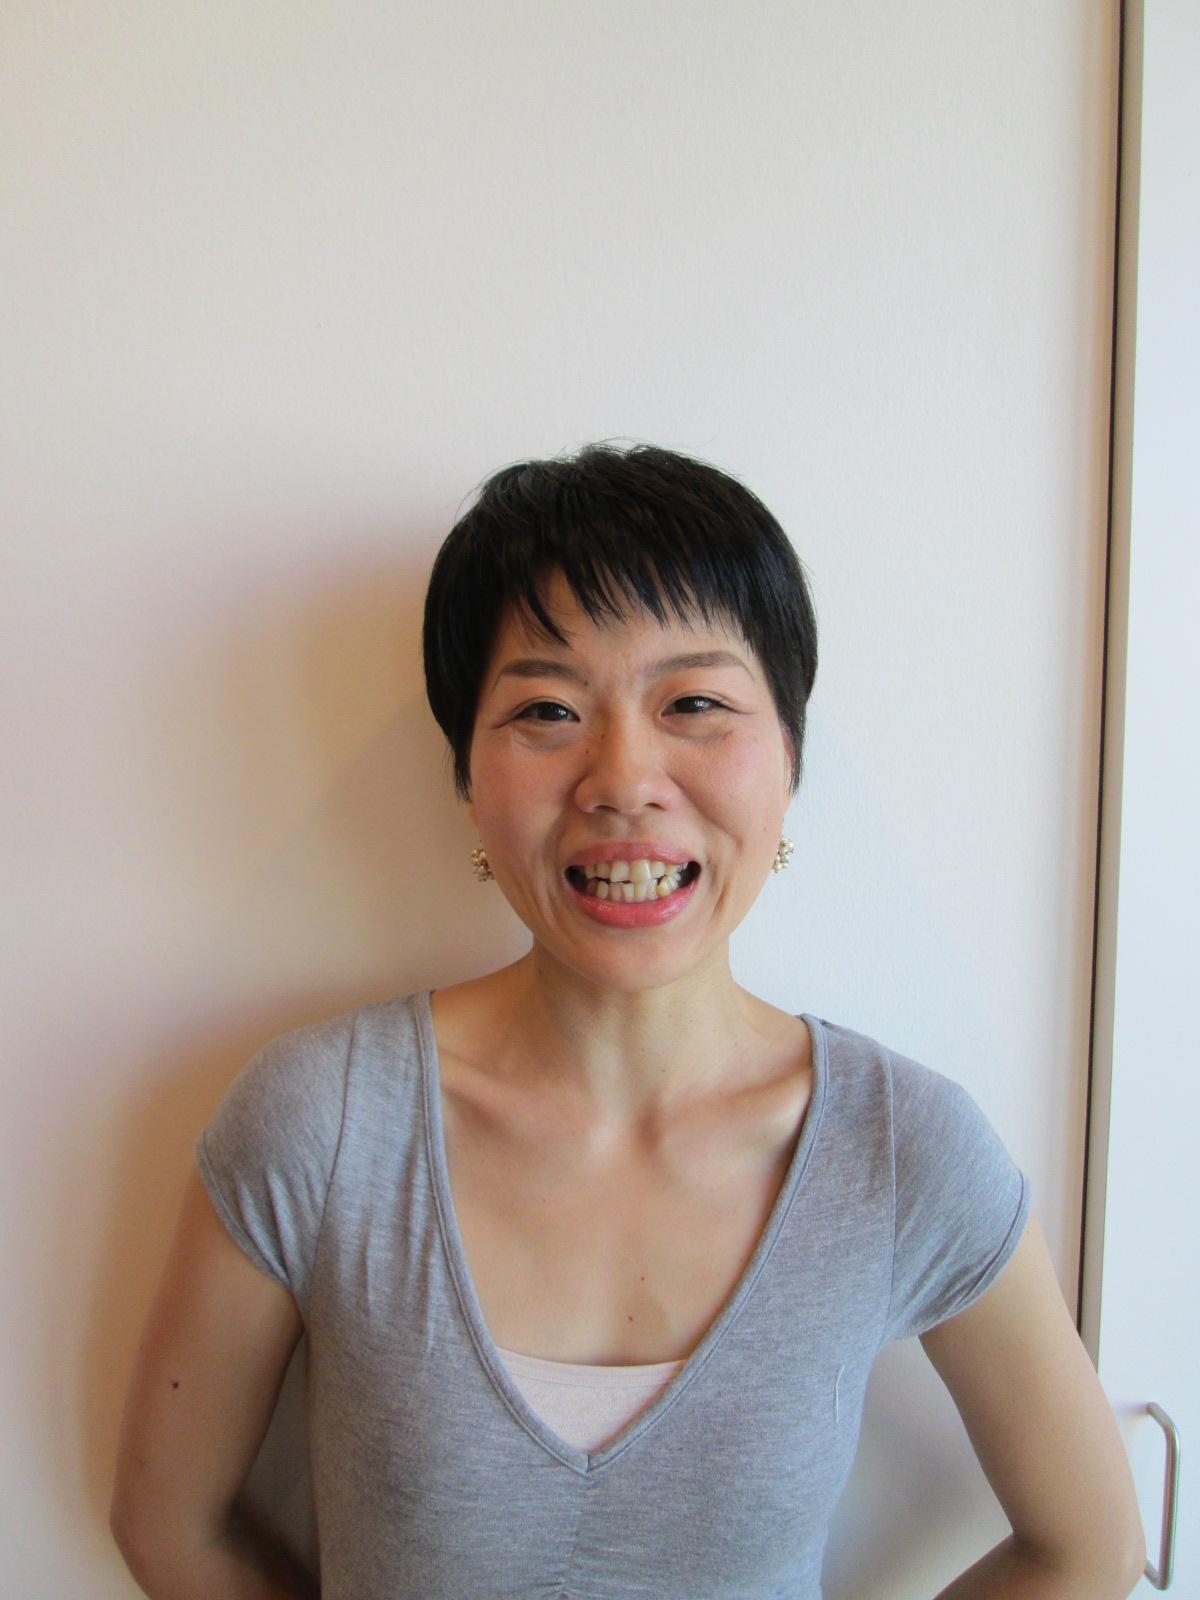 スタジオ・ヨギー札幌 - 【WS】ポーズの理解を深めるために『ポーズのコツ〜慣れてきたら見直したい20ポーズ〜』の写真1